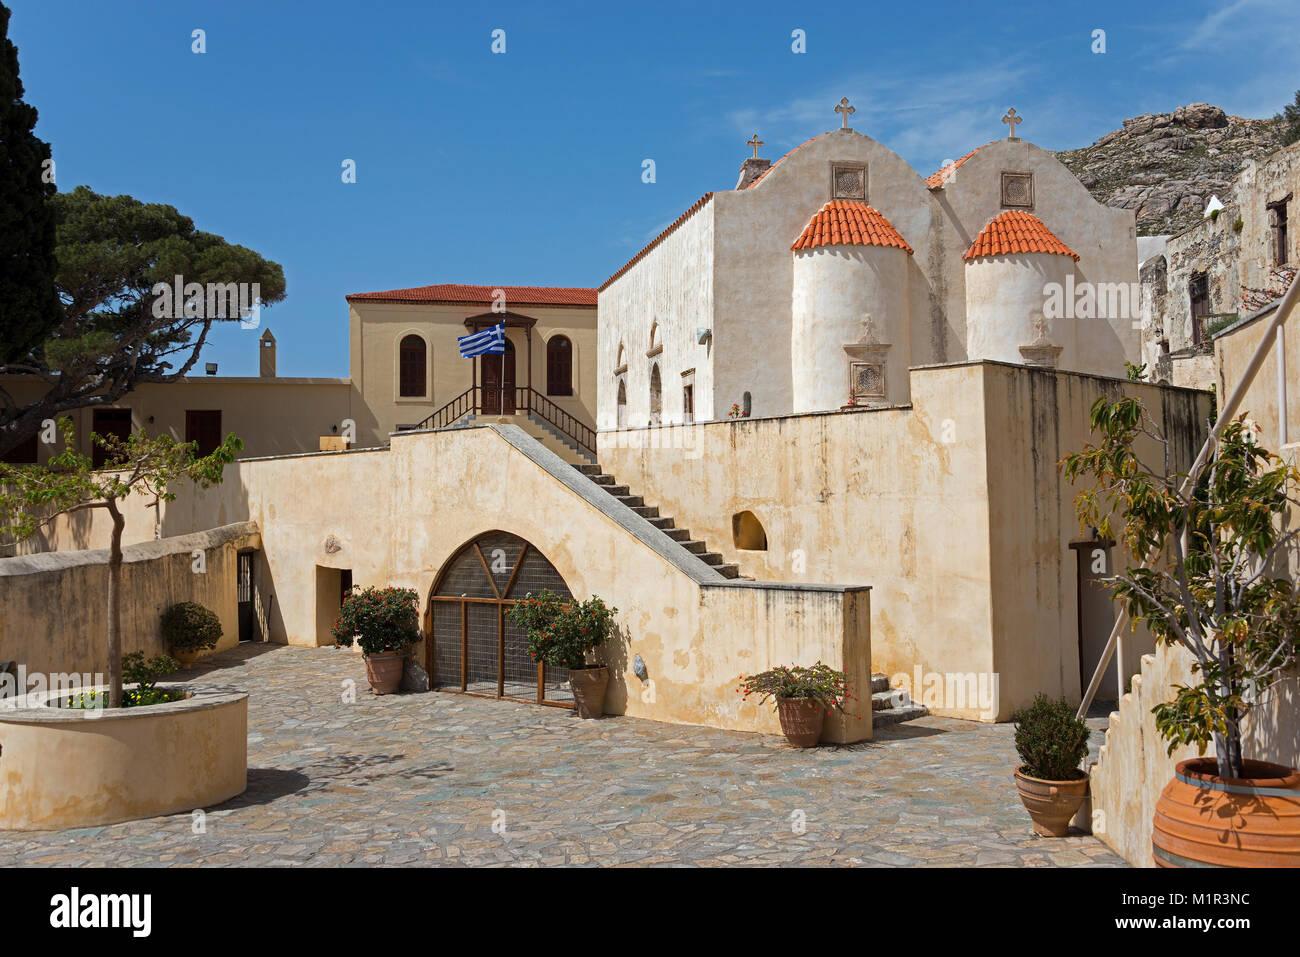 Monastero di Preveli, Comune di Agios Vasilios, Creta, Grecia monastero Moni Preveli Monastero, monaco, Piso, Kloster Immagini Stock